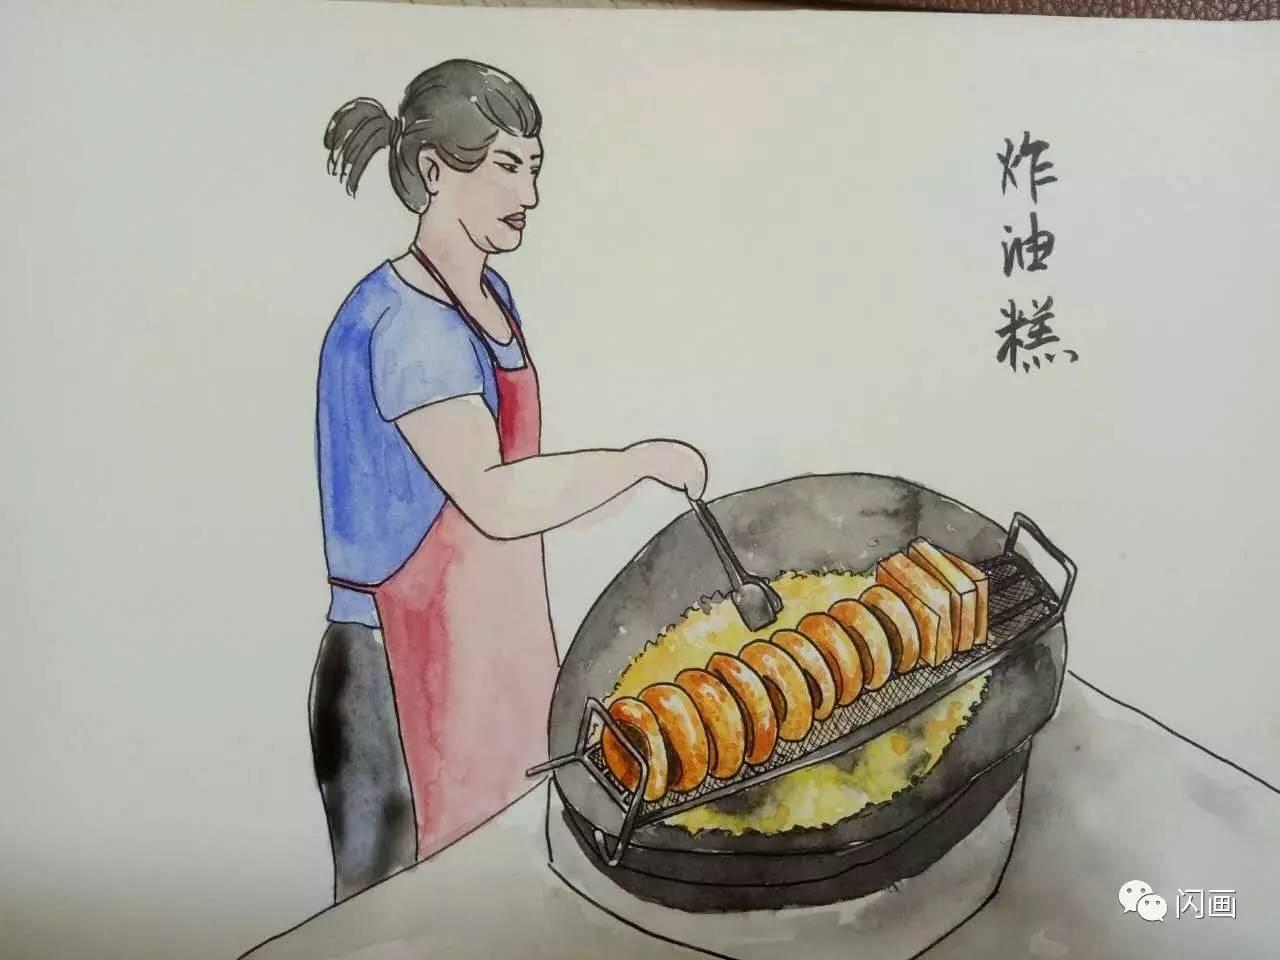 作者:大海   作品:炸油糕   画种:手绘   作品:西安小吃   画种:水彩+彩铅   感悟:太辣太油,吃不惯[捂脸]